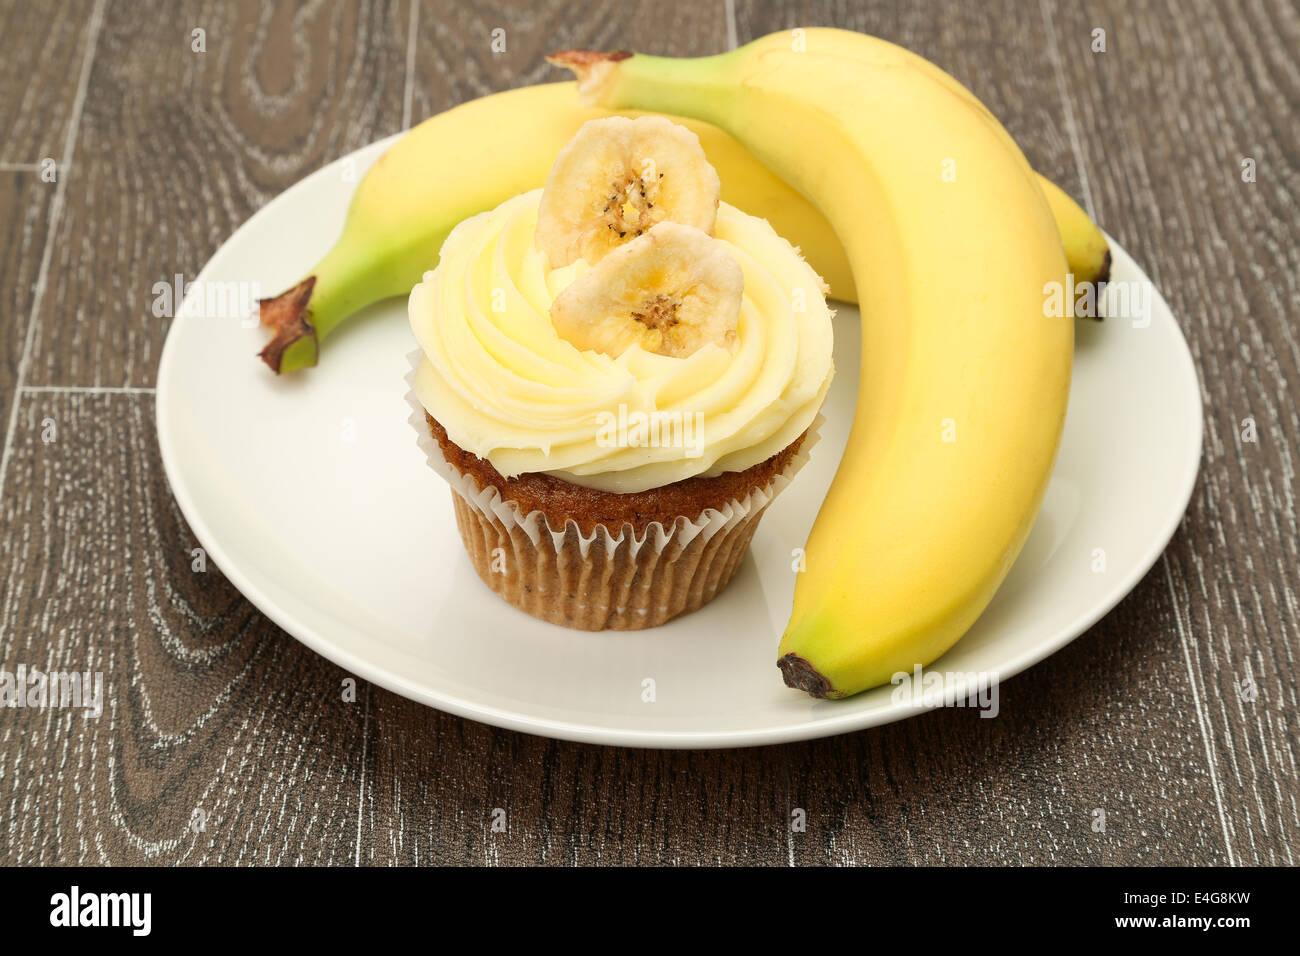 Ein Banane Cupcake mit Buttercreme Zuckerguss garniert und serviert mit frischen Bananen, Studio gedreht Stockbild